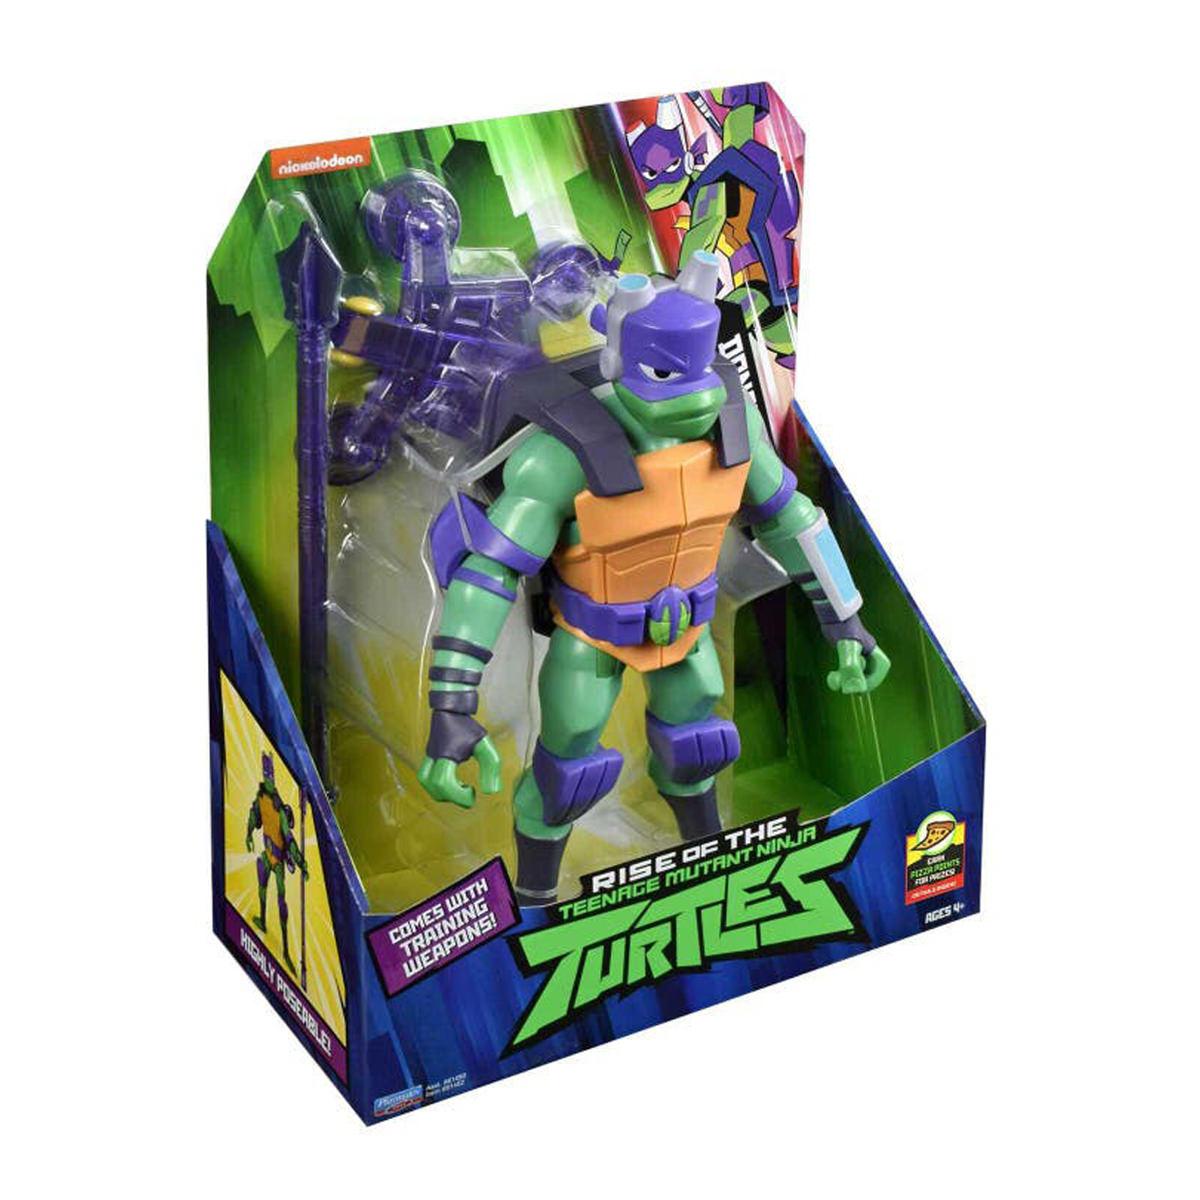 Testoasele Ninja Figurina Donatello Gigant Cu Accesorii De Lupta